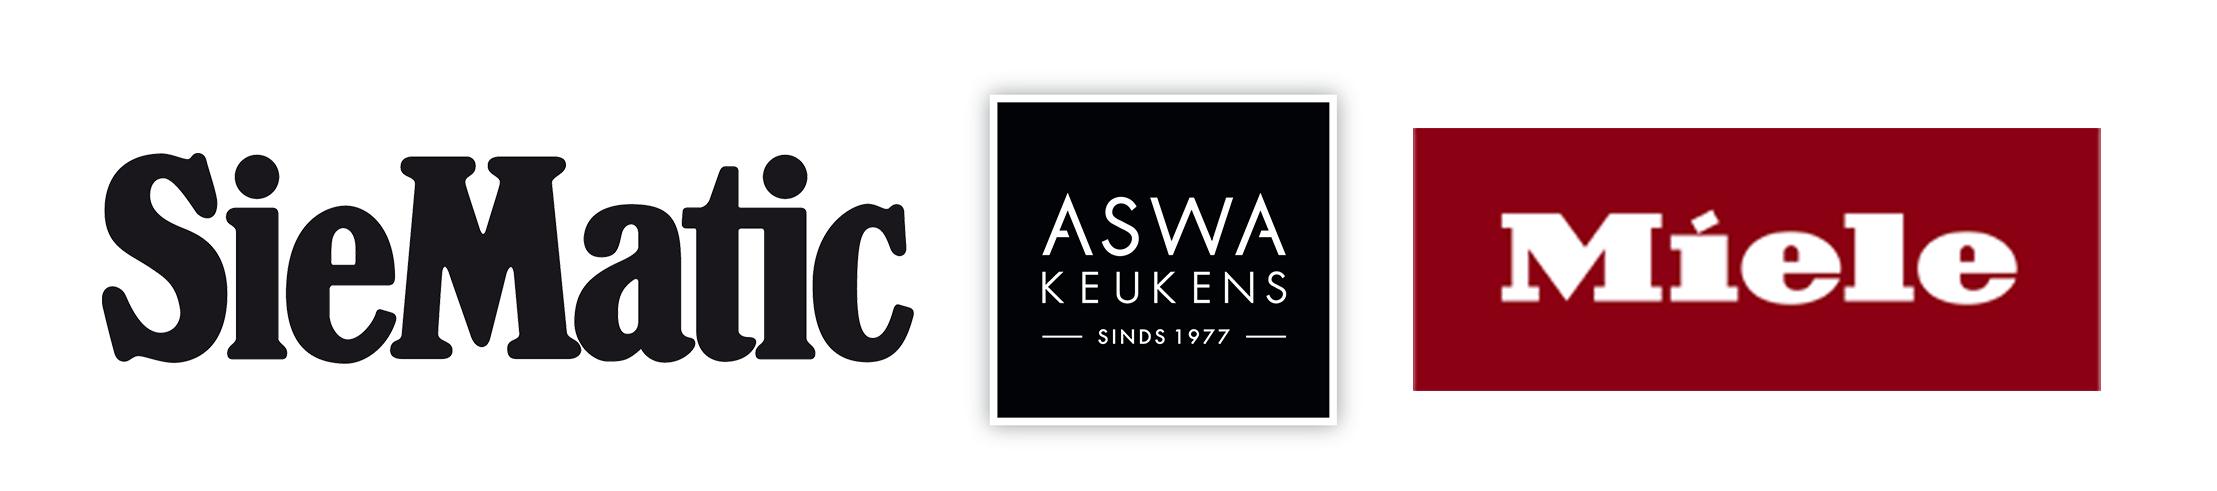 Georganiseerd door SieMatic, Miele en ASWA Keukens